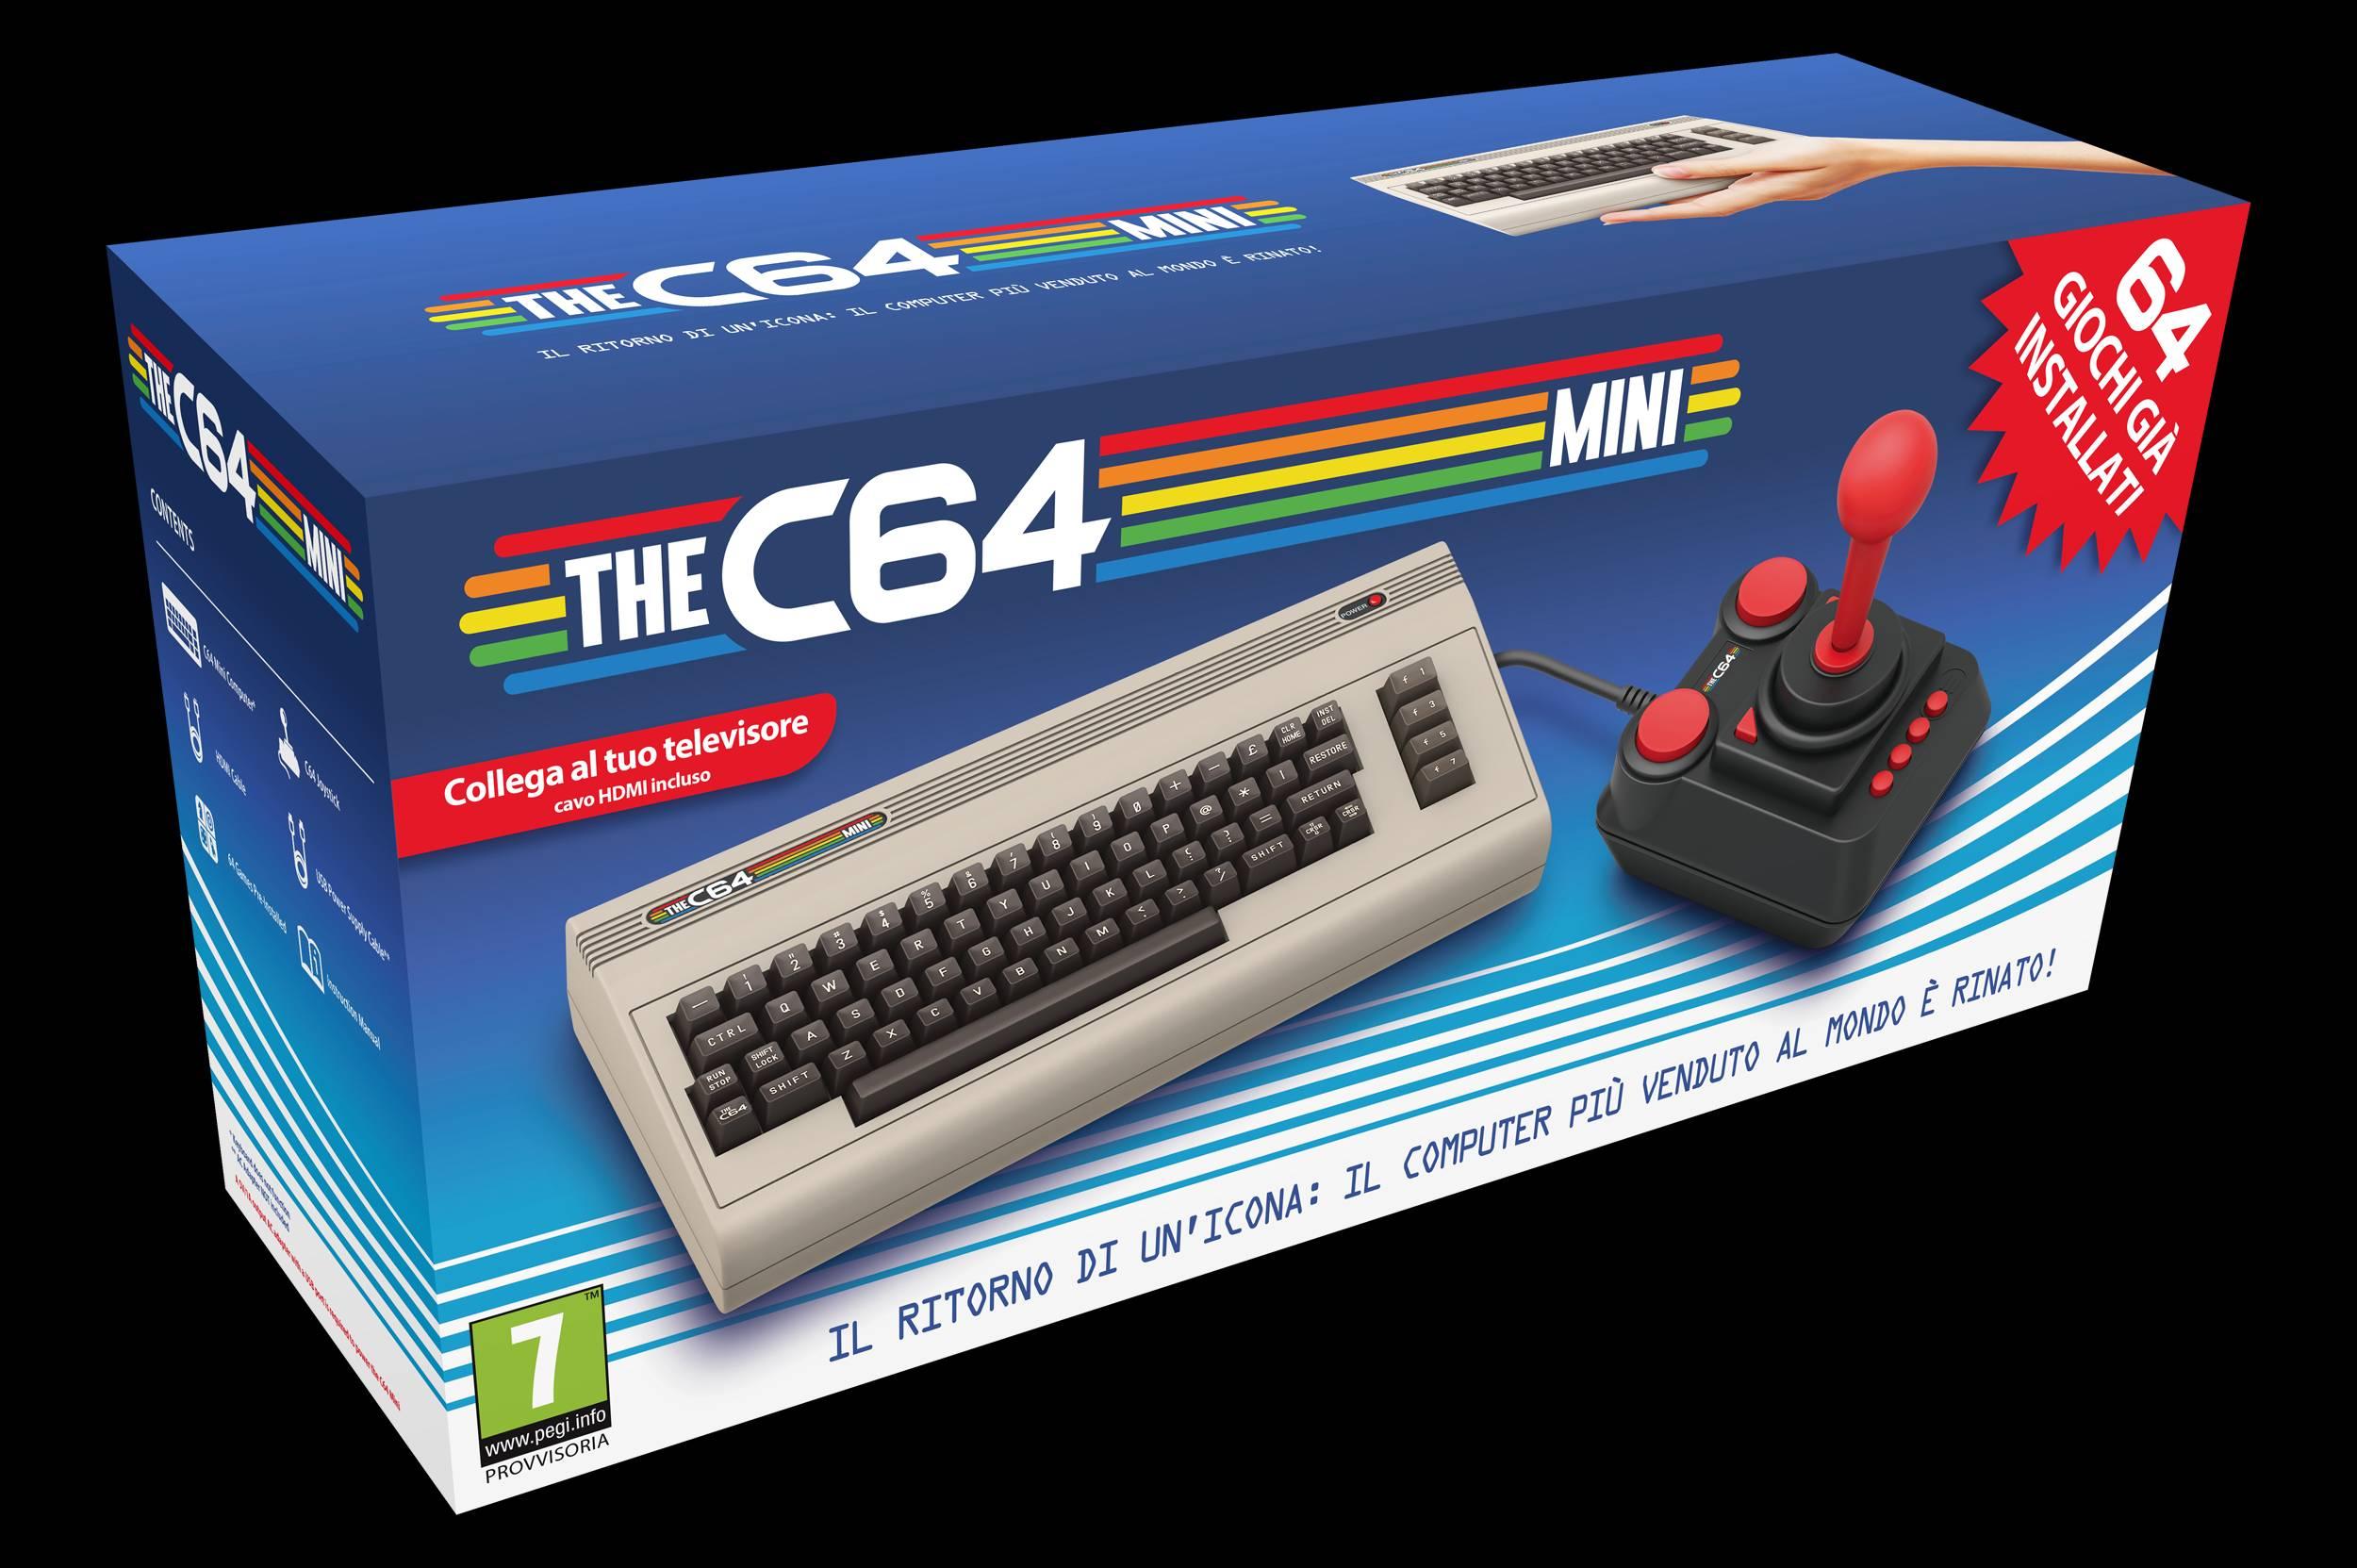 THEC64_BOXSHOT_3D_ITA